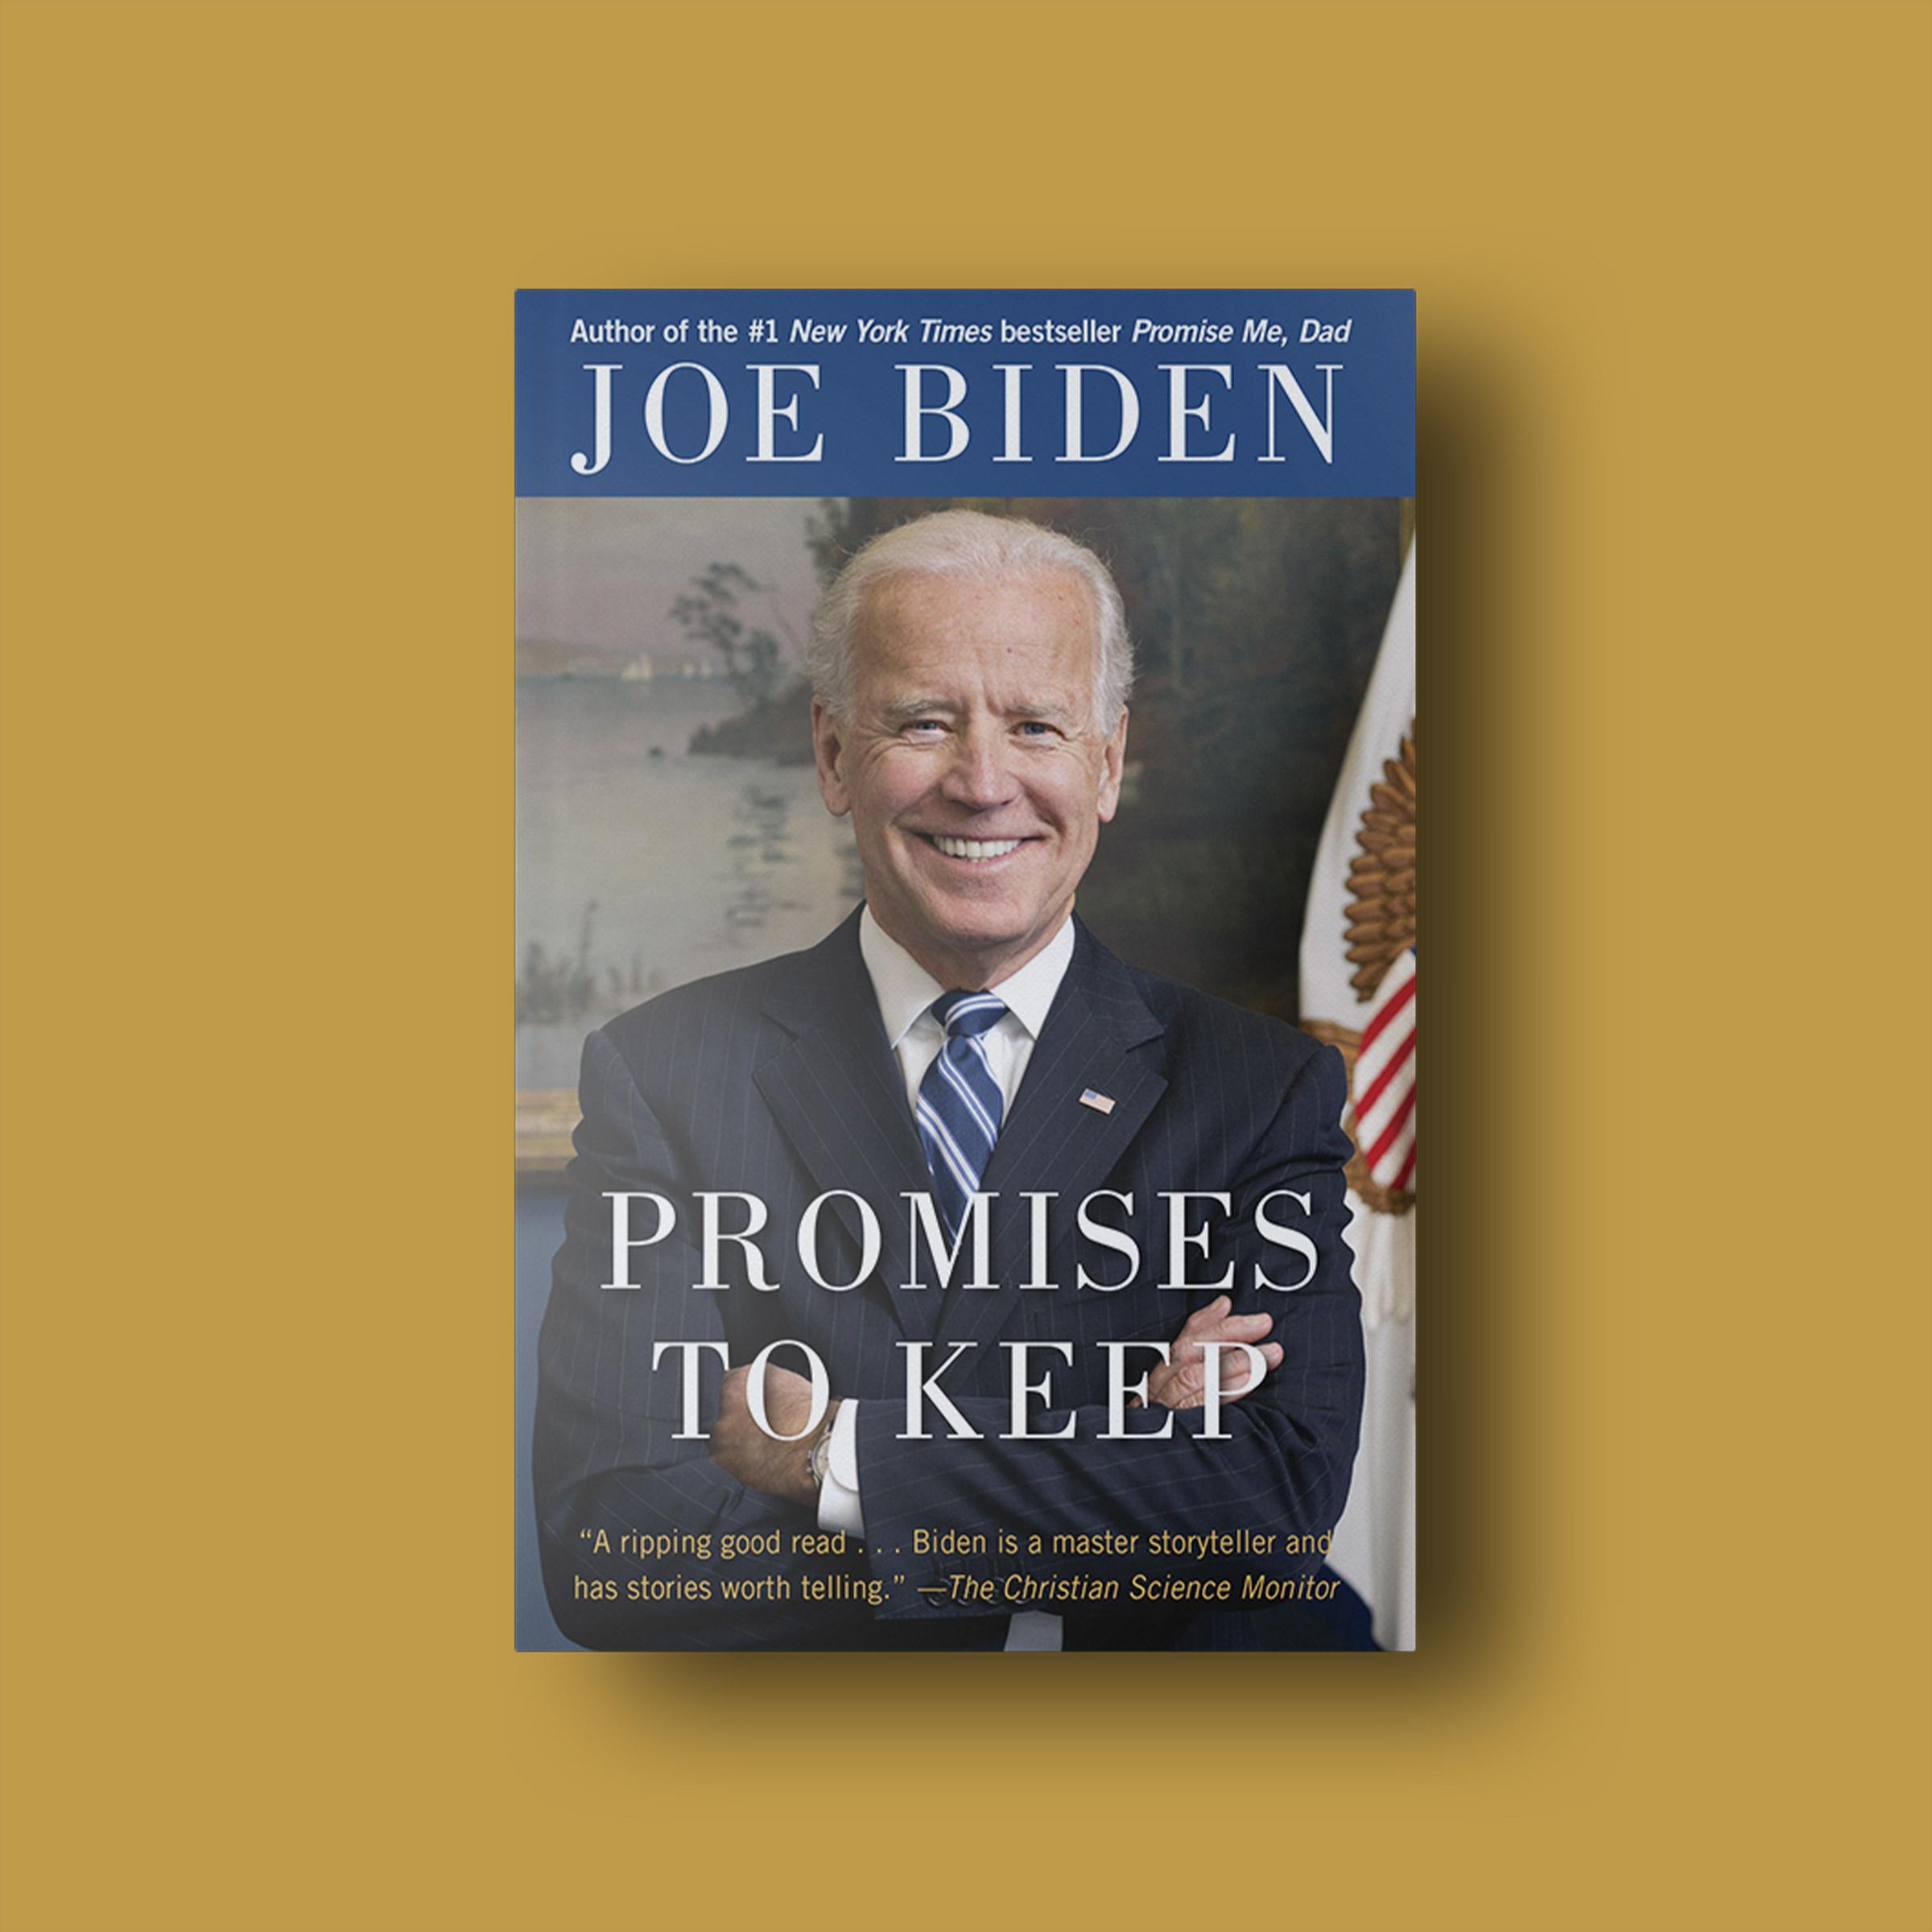 Joe Biden Excerpt